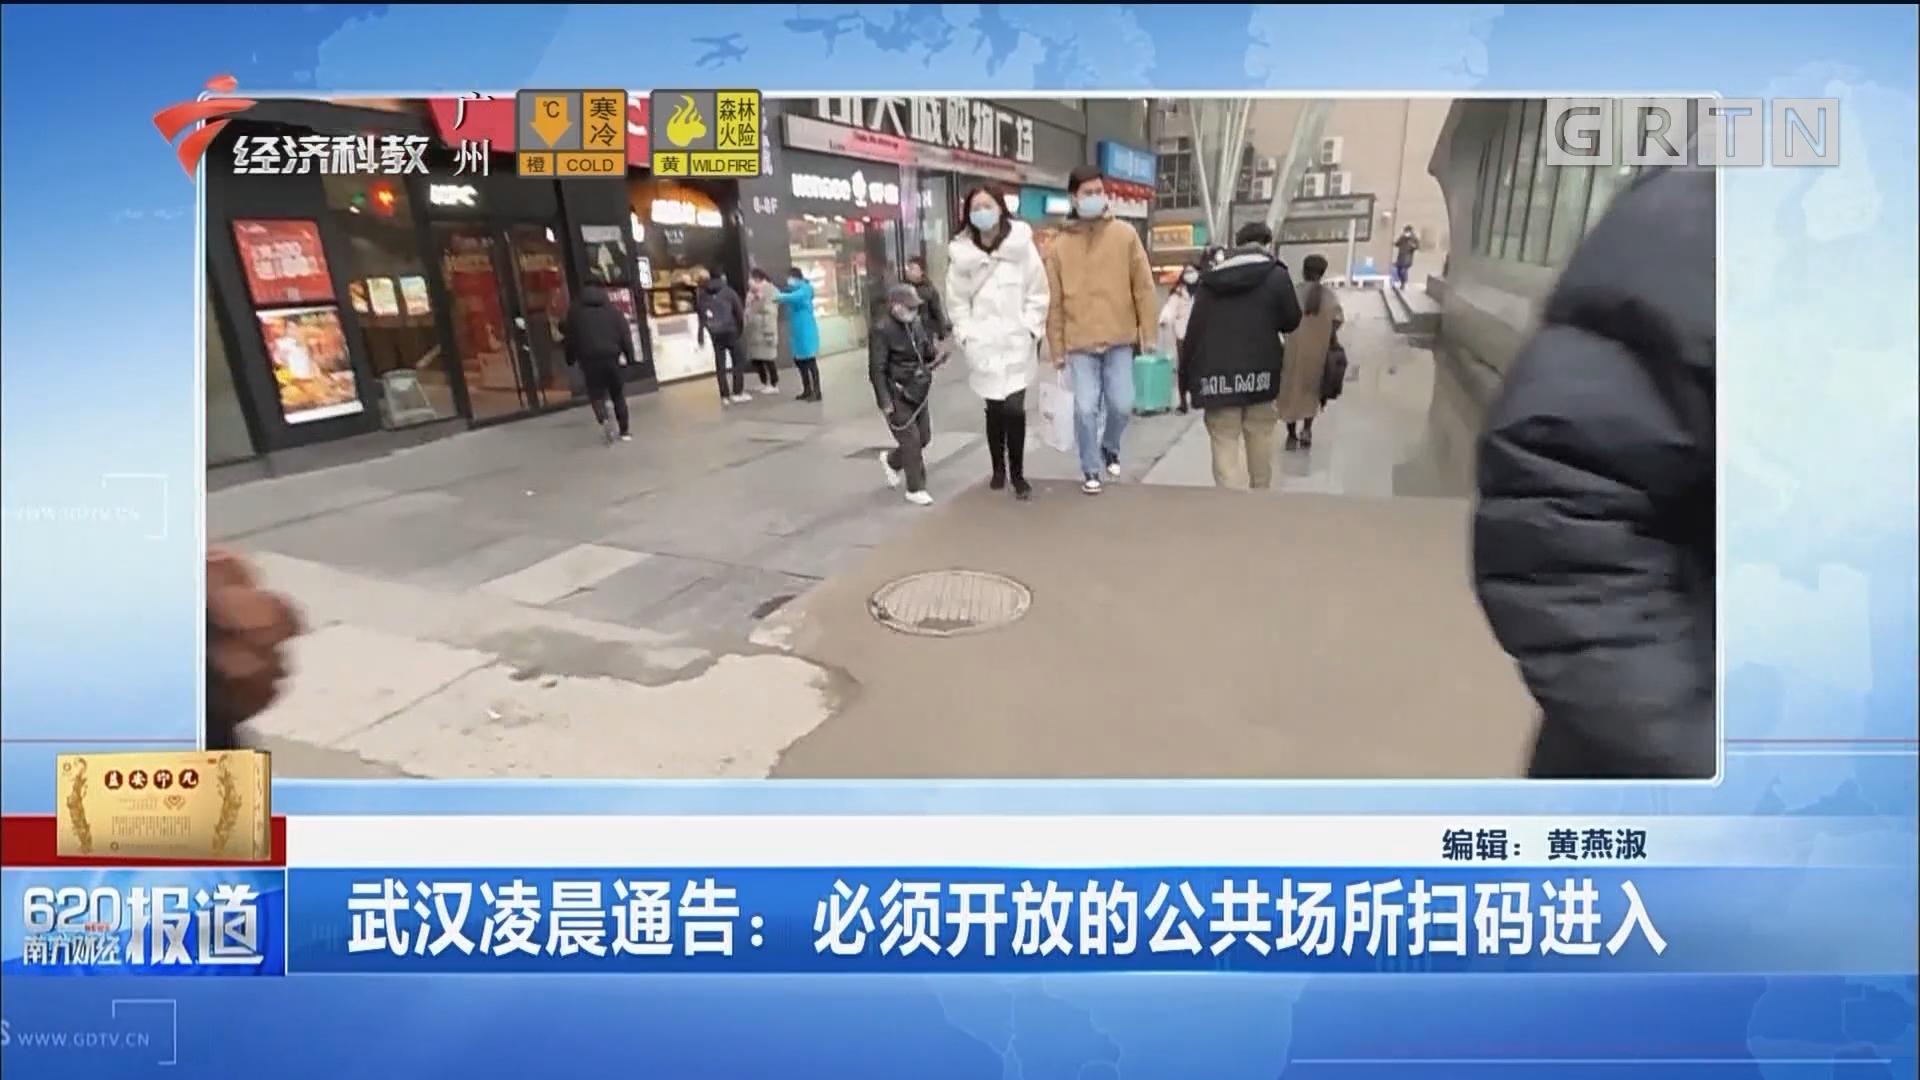 武漢凌晨通告:必須開放的公共場所掃碼進入